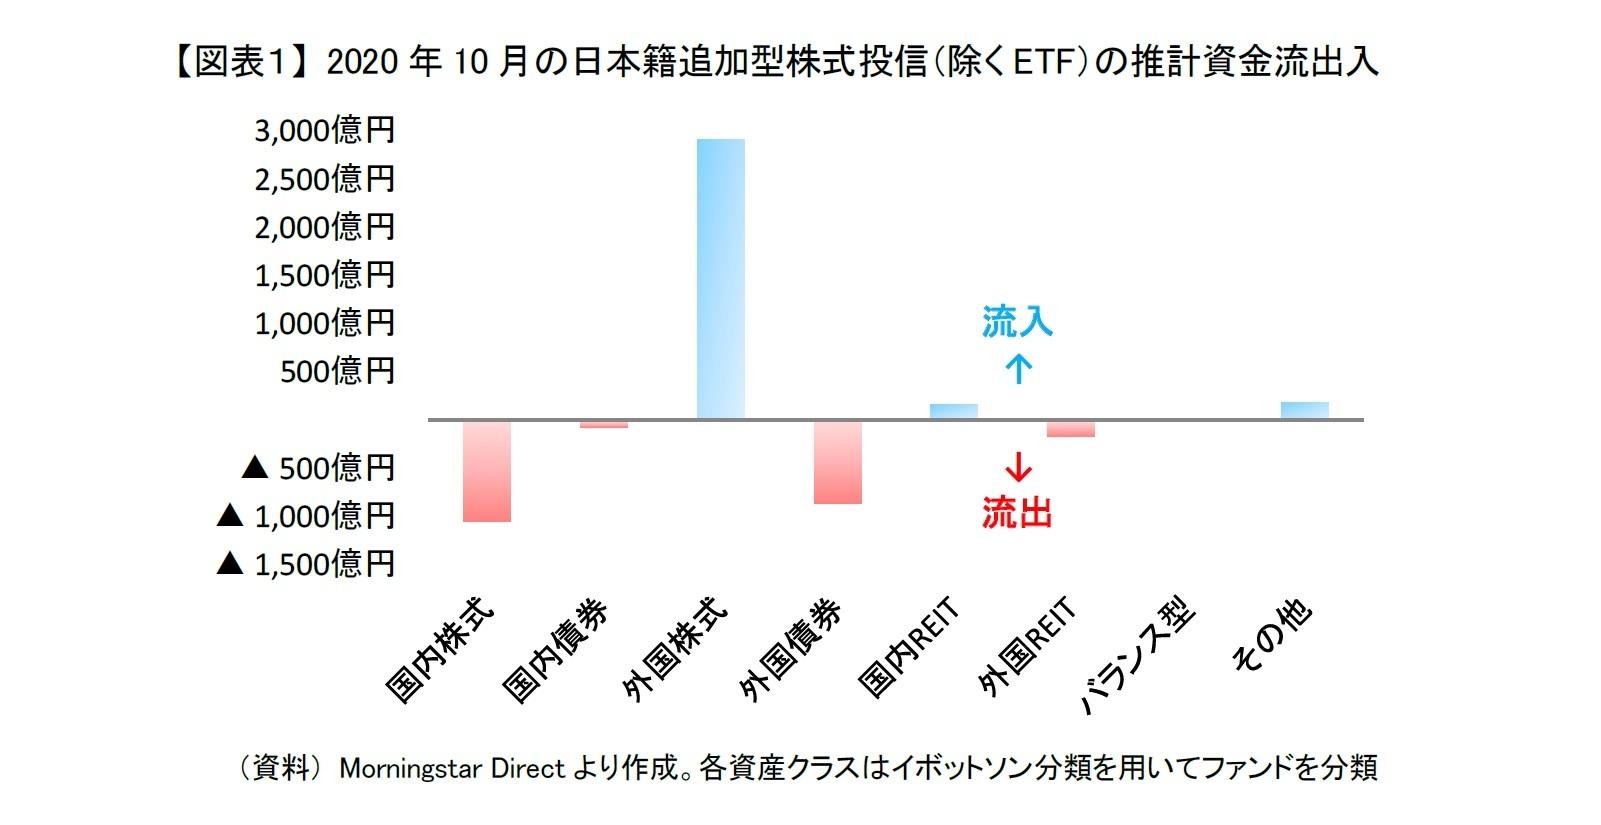 【図表1】 2020年10月の日本籍追加型株式投信(除くETF)の推計資金流出入